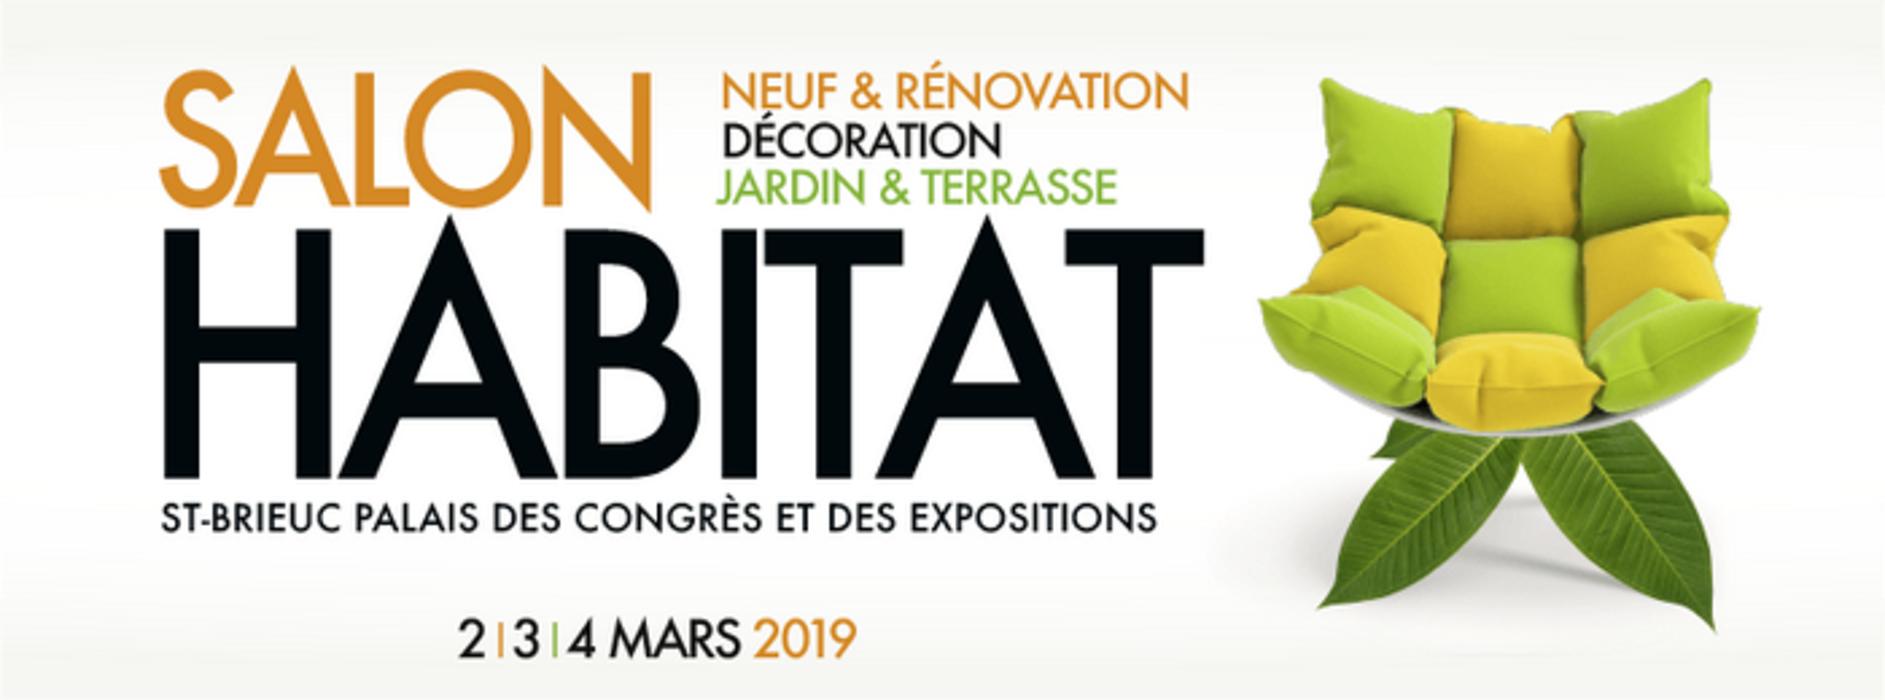 Stephane Mahé Paysage & Spa présent au salon de l''habitat et du jardin - Saint-Brieuc 0